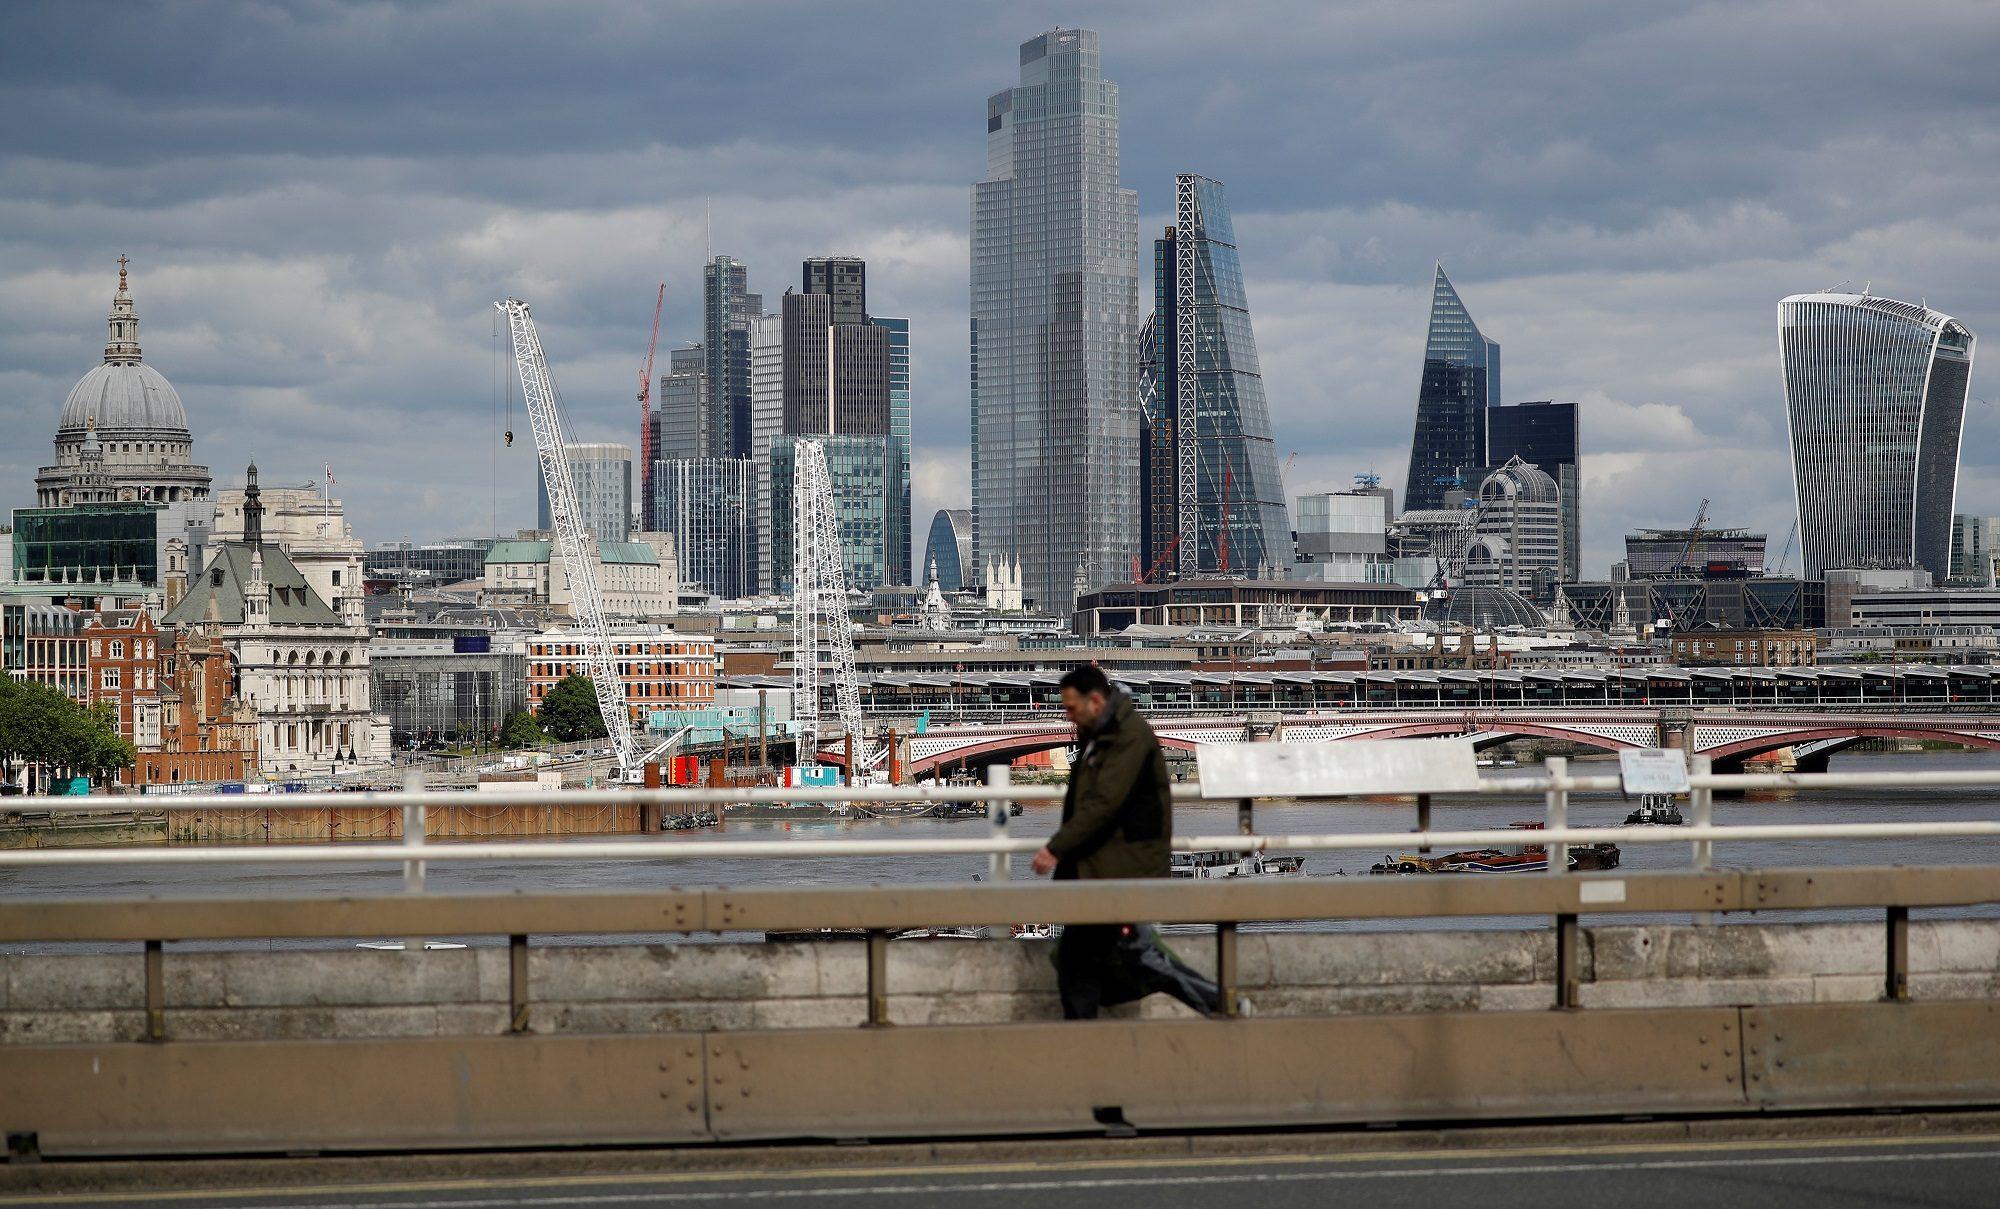 อังกฤษขยายมาตรการอุ้มบริษัทที่ได้รับผลกระทบจากโควิดอีก 4 เดือน